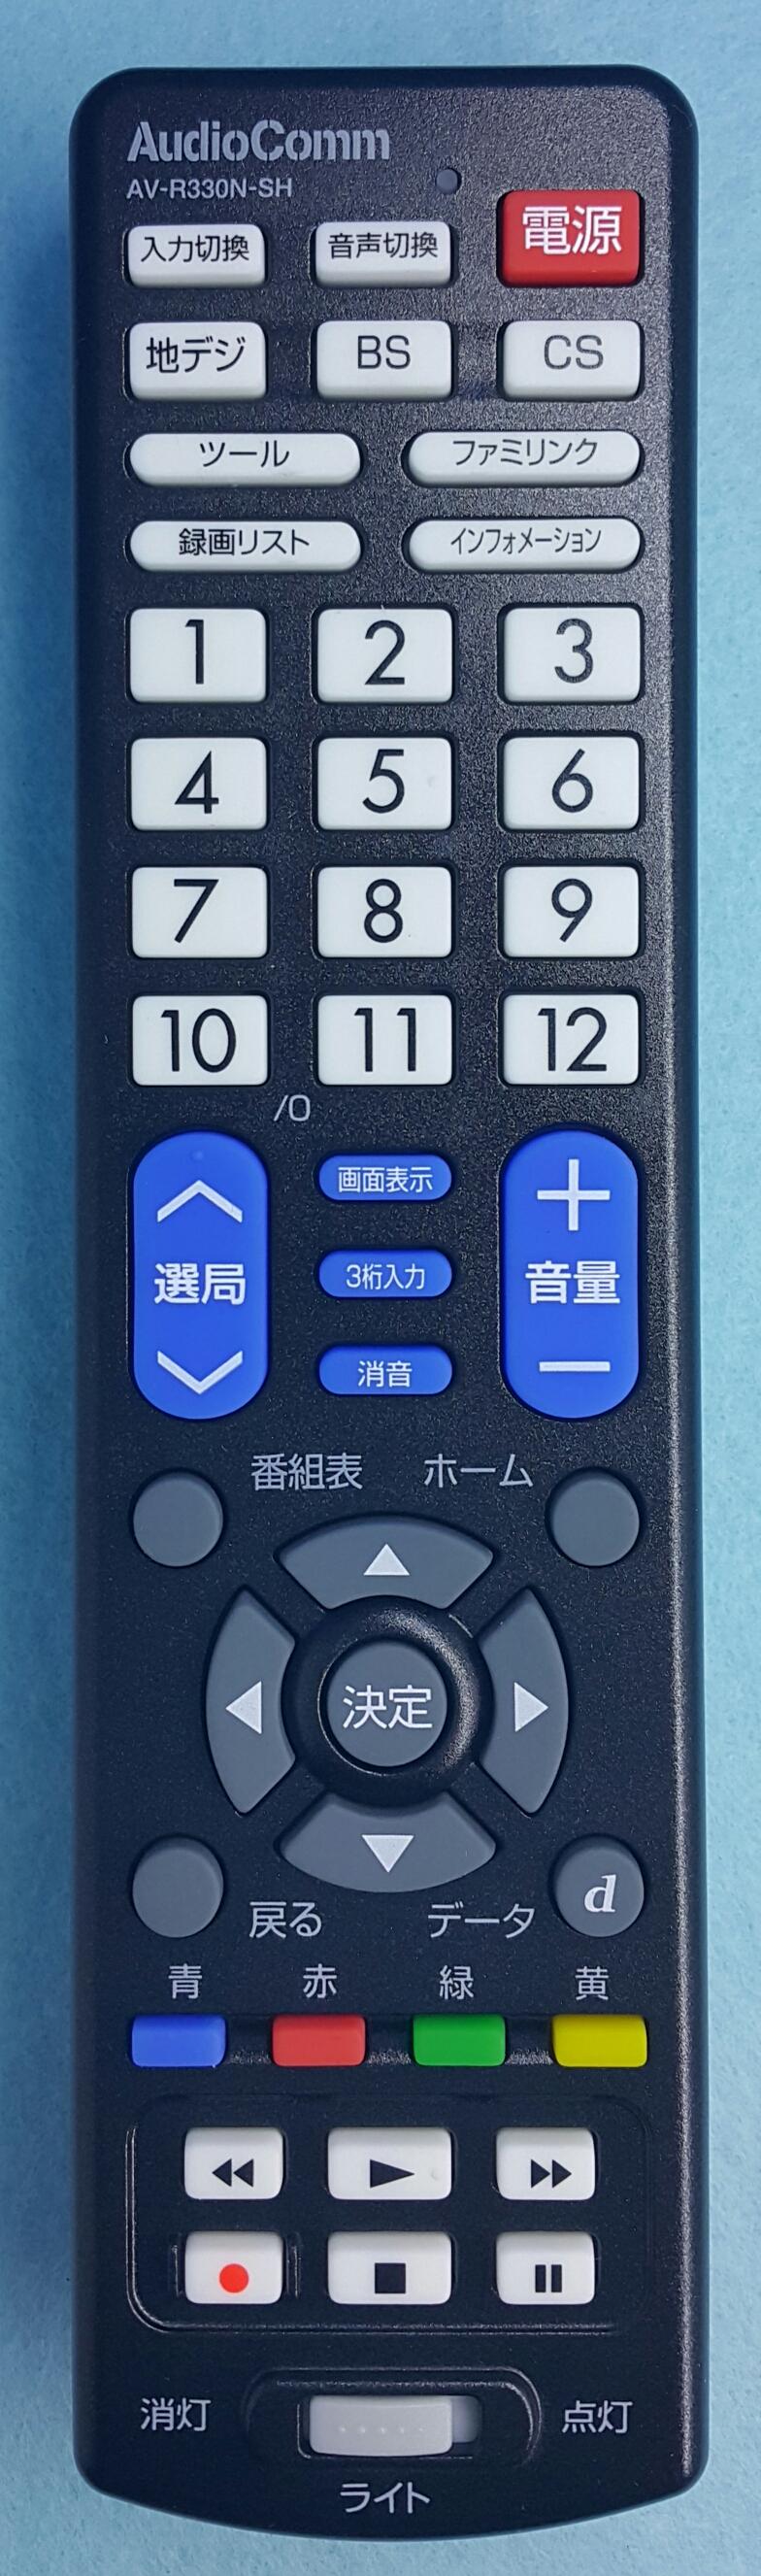 SHARP_AV-R330N-SH_X555A F148_TV.SHARP_00015_cover.png